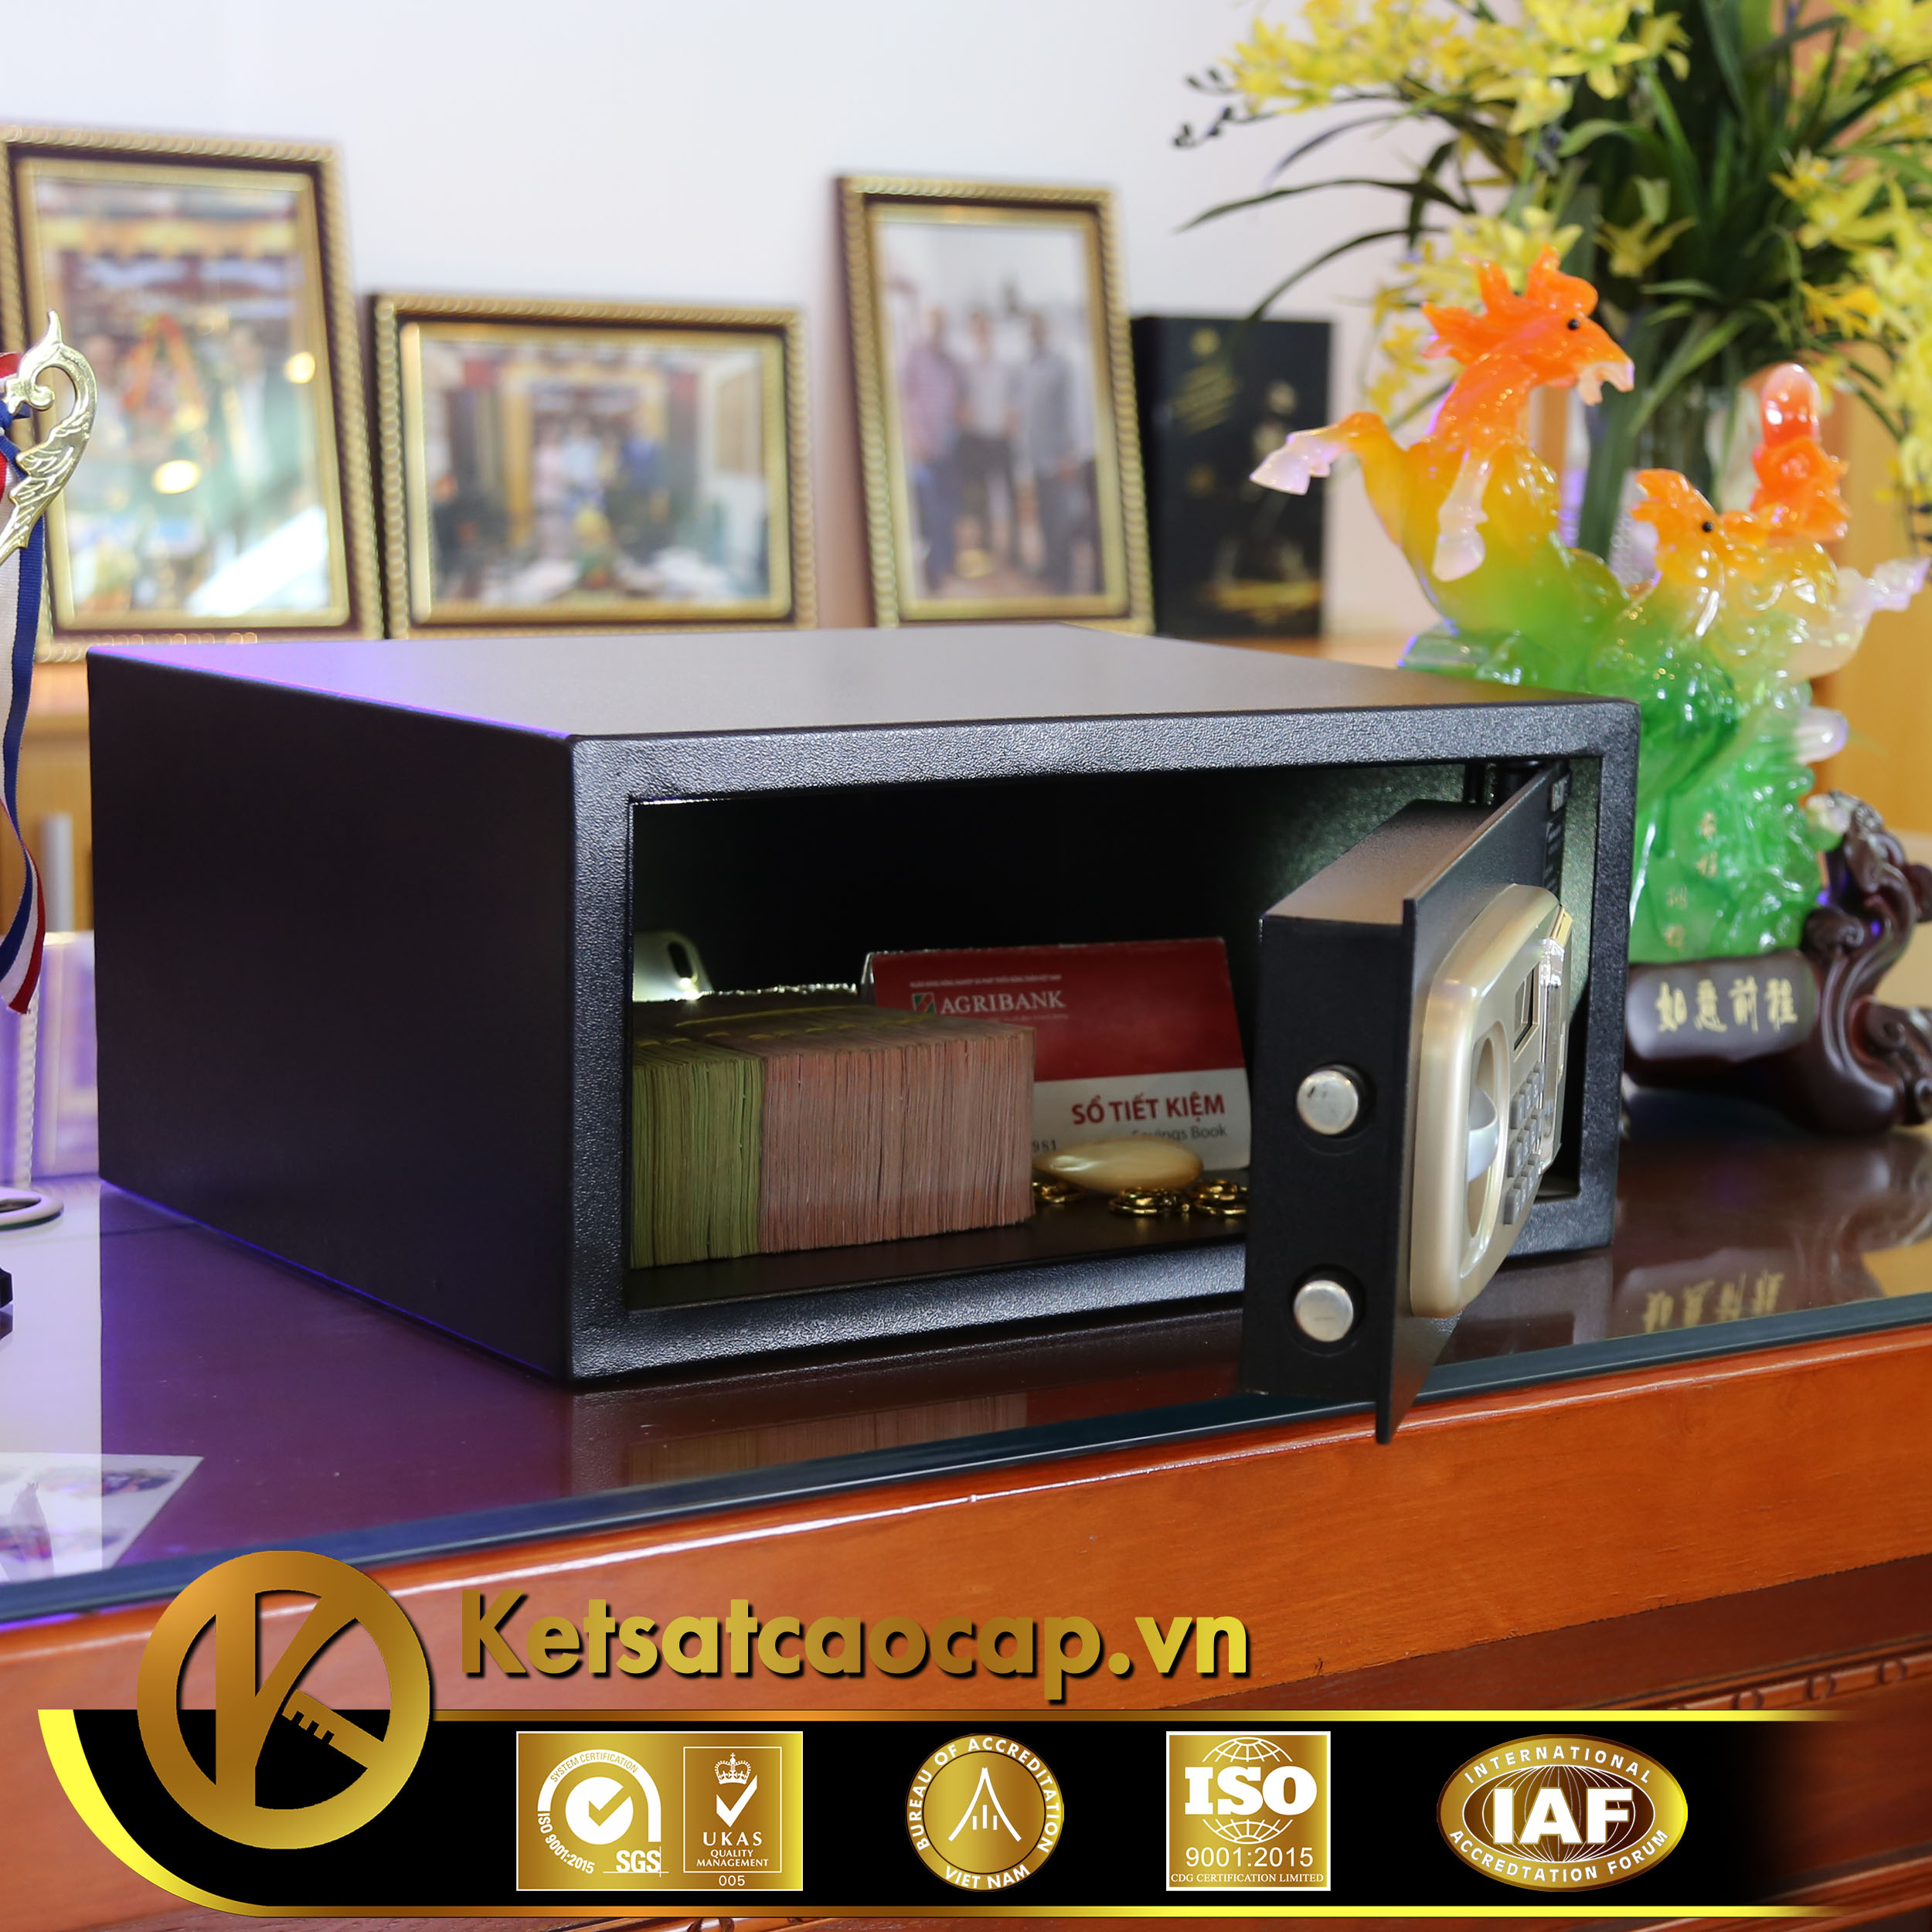 Két sắt khách sạn KS421-GOLD-PND